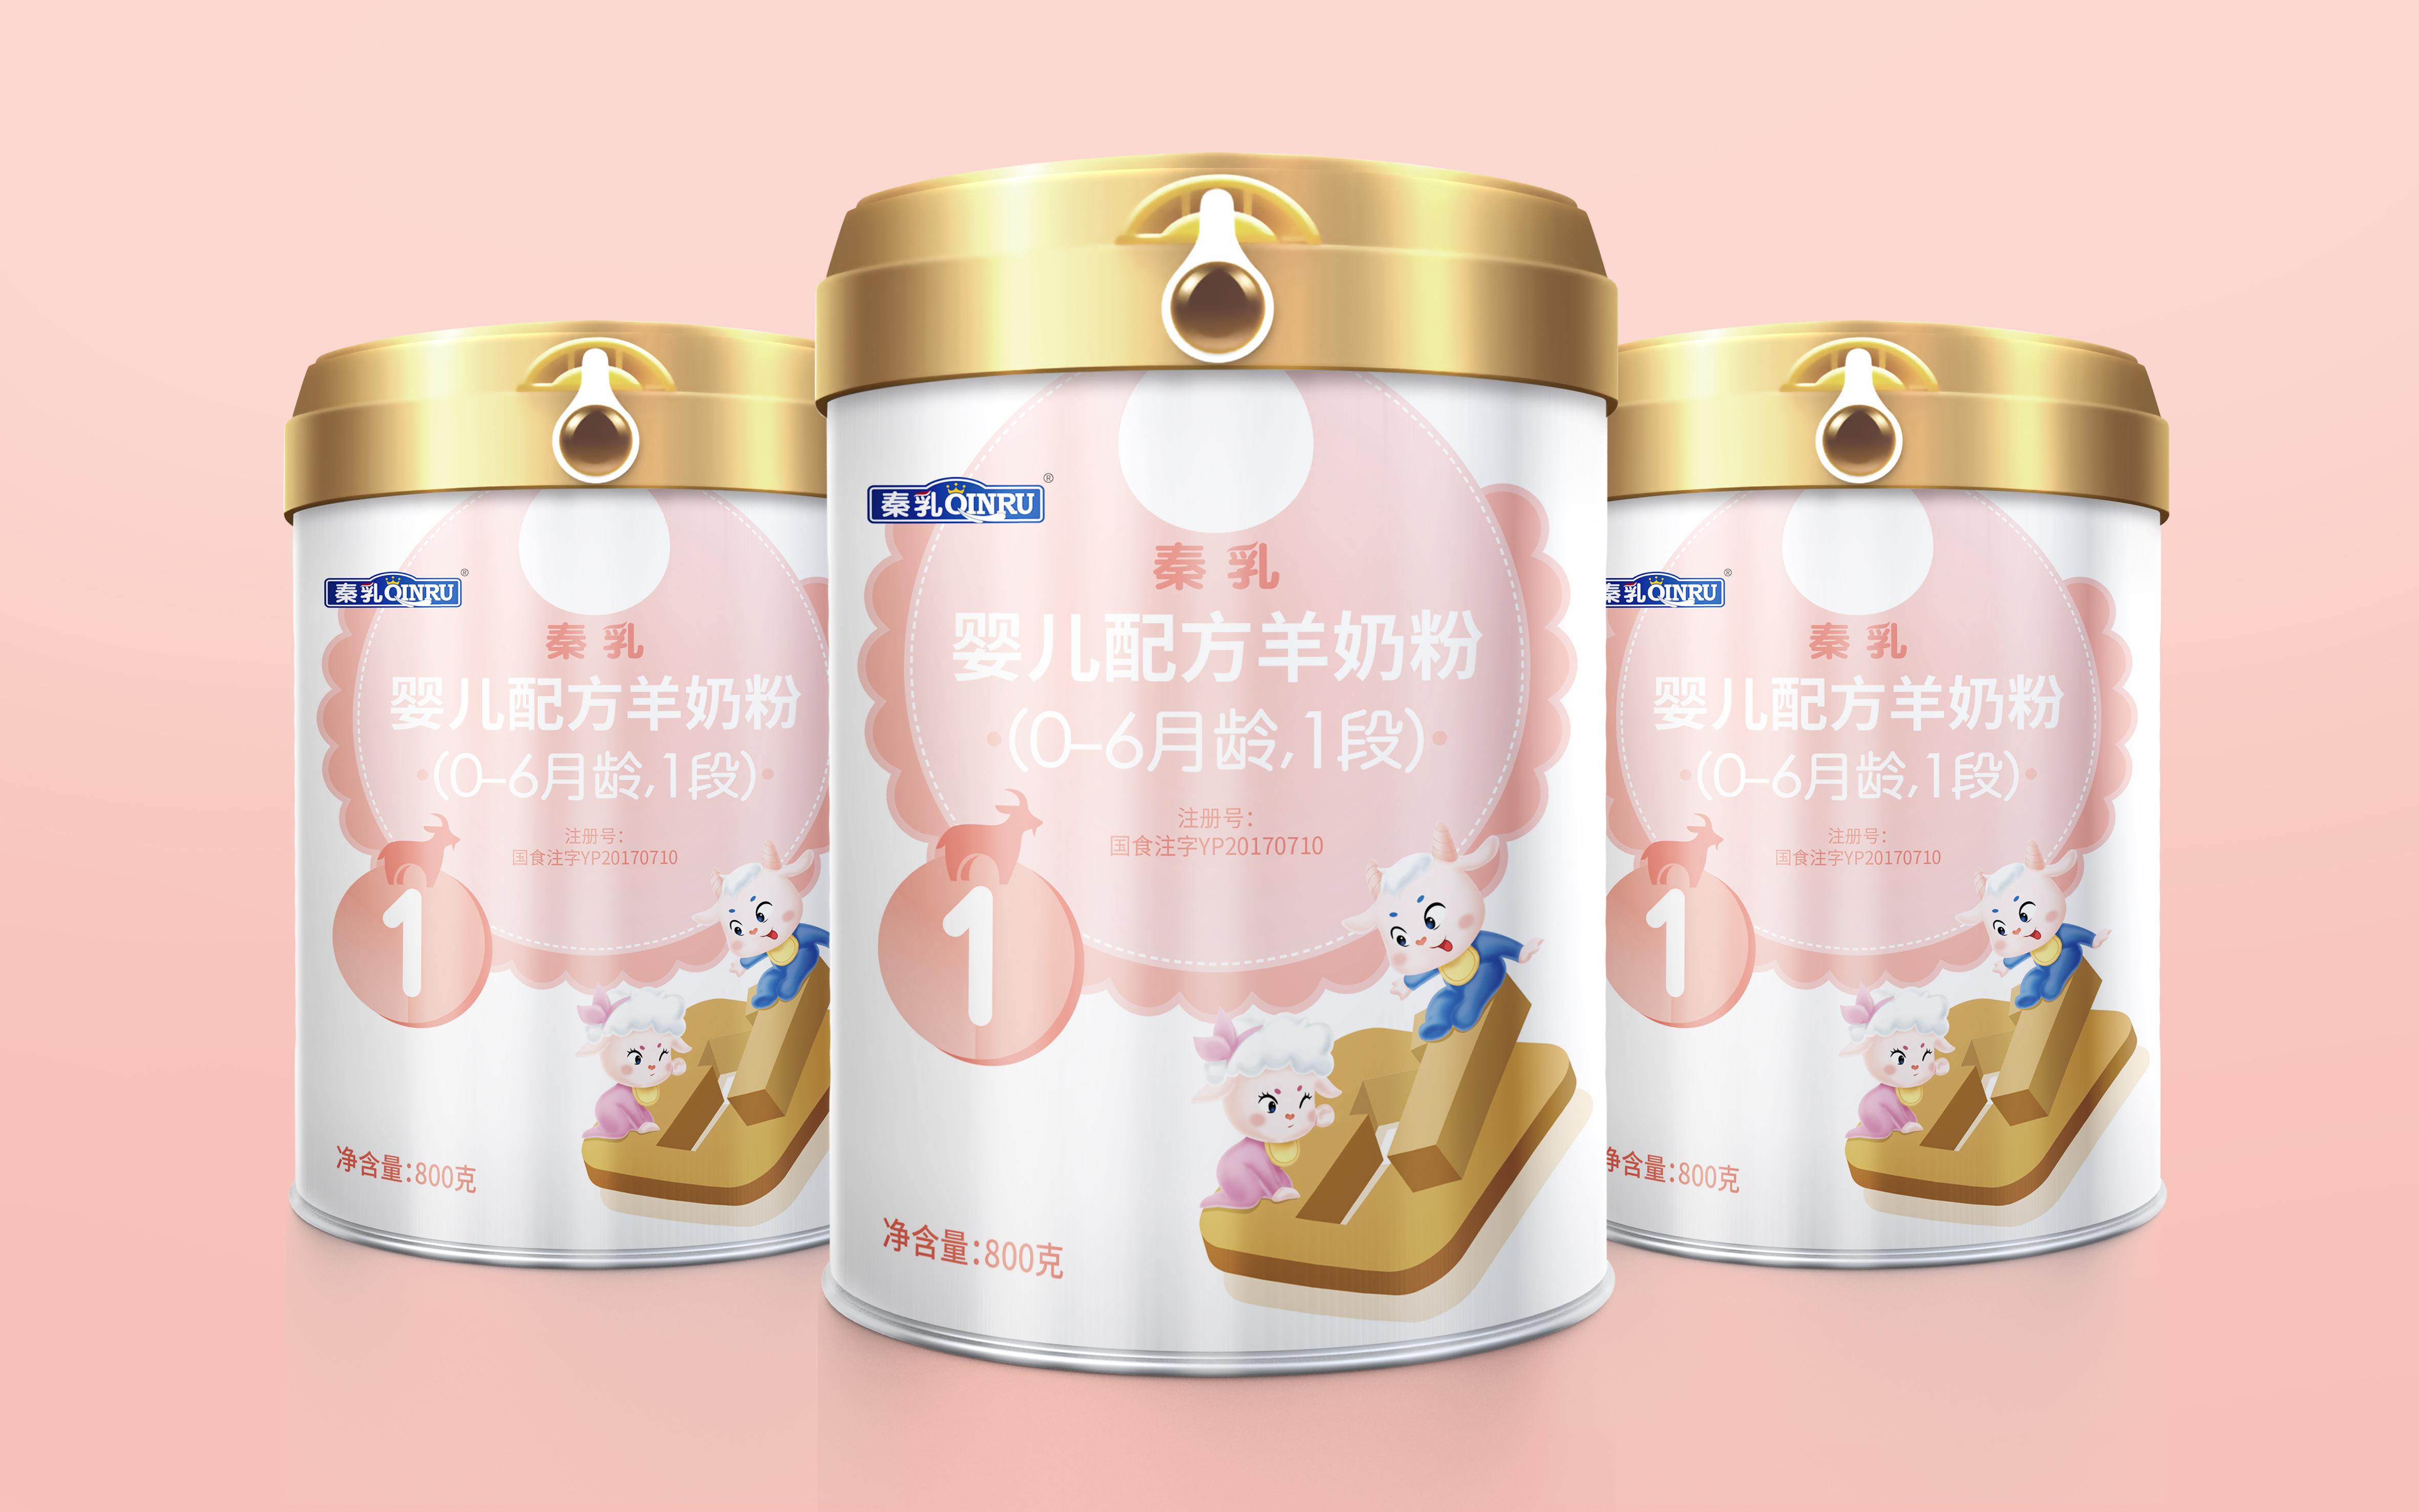 国潮插画包装设计食品百货医药说明彩色系包装设计包装手提袋礼盒